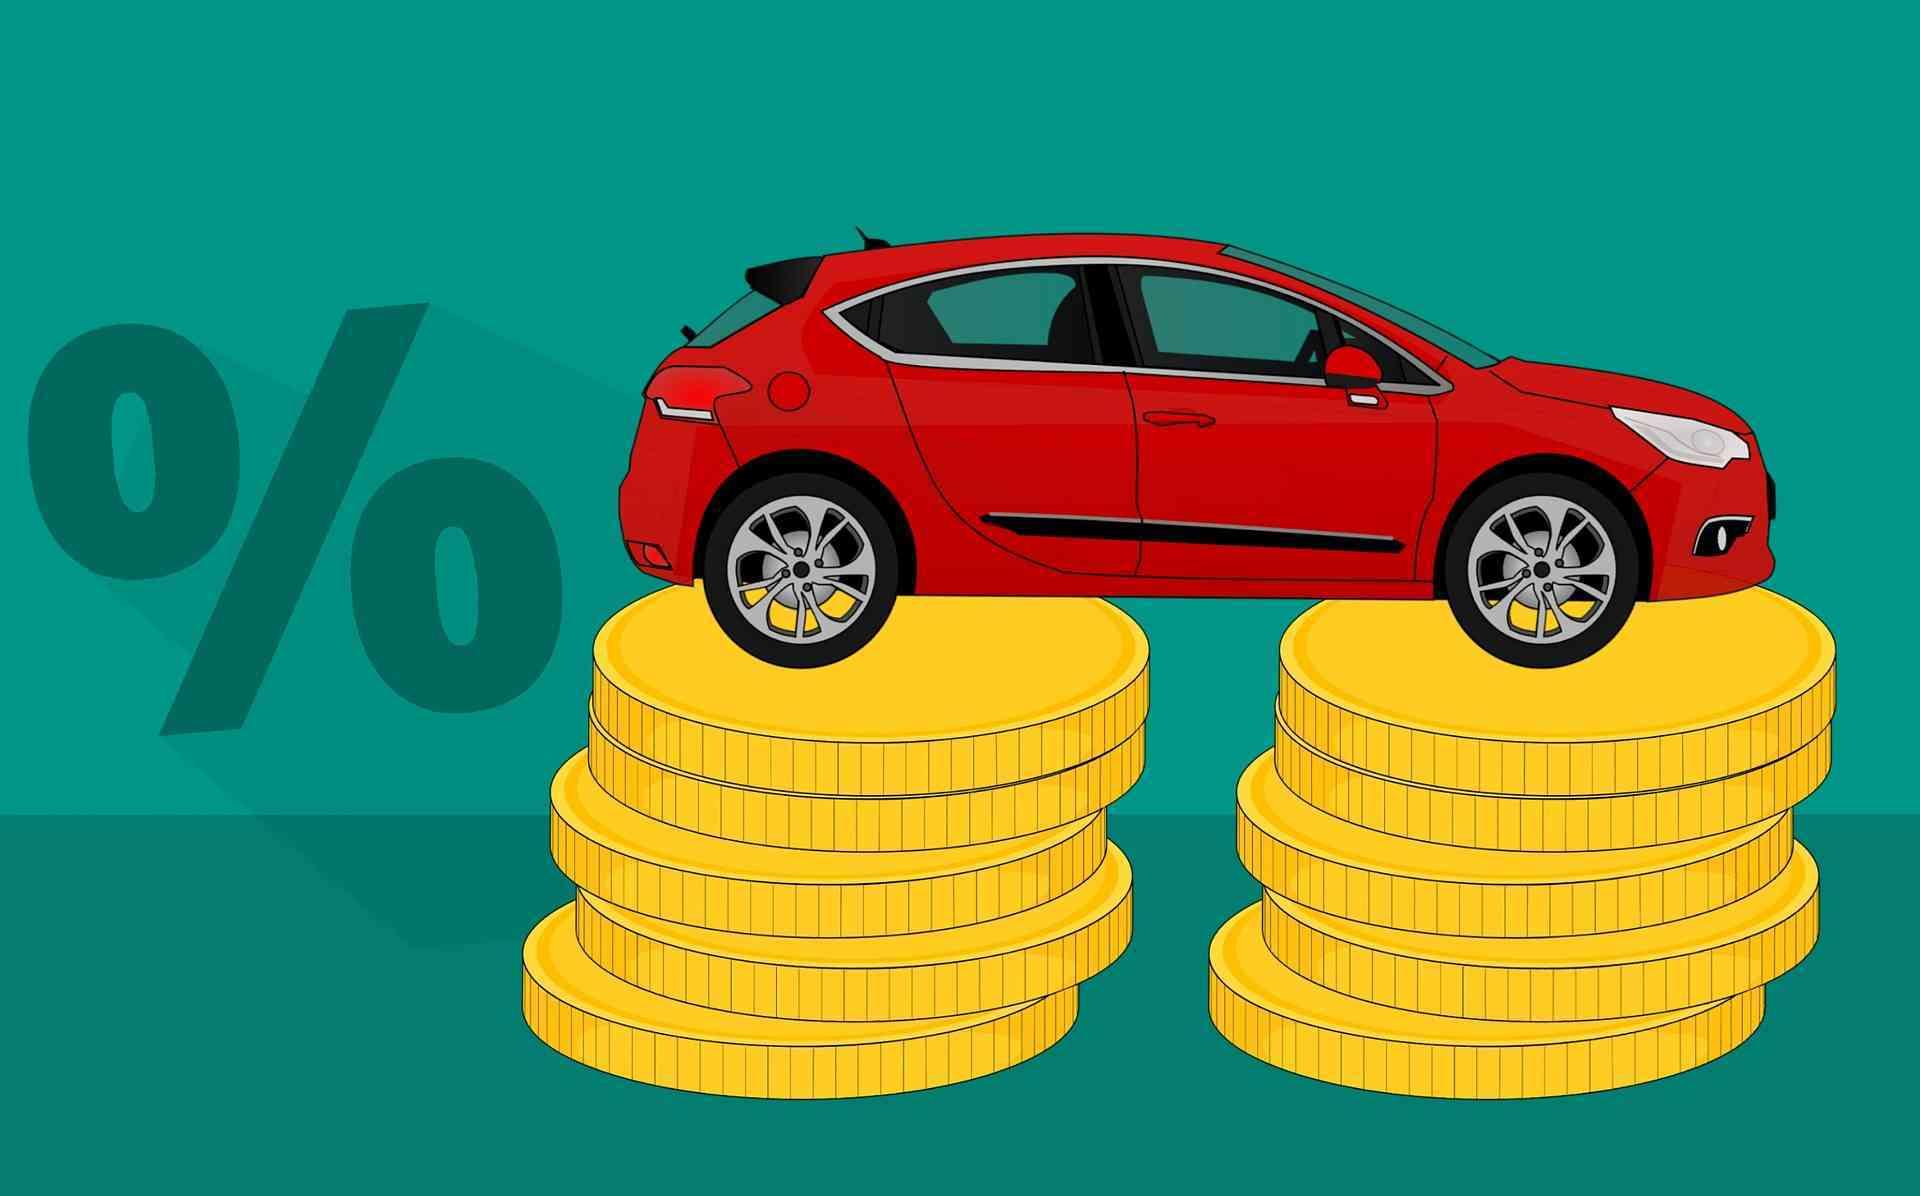 ¿Sabes cómo calcular el valor real de tu coche? 1